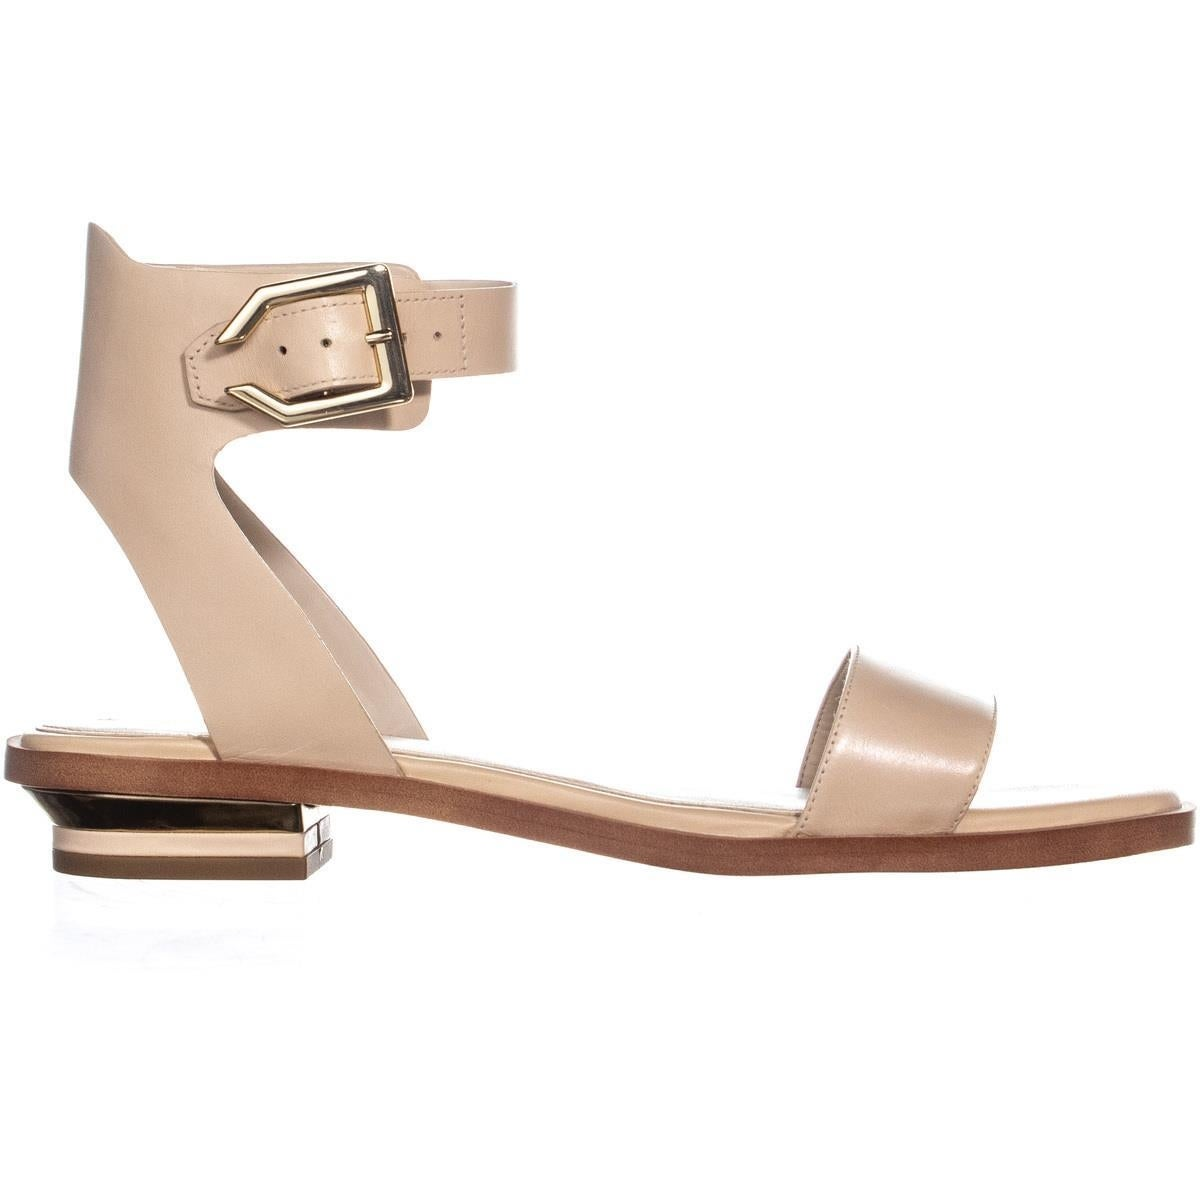 d390570212e Shop Cole Haan Avani Ankle Buckle Sandals